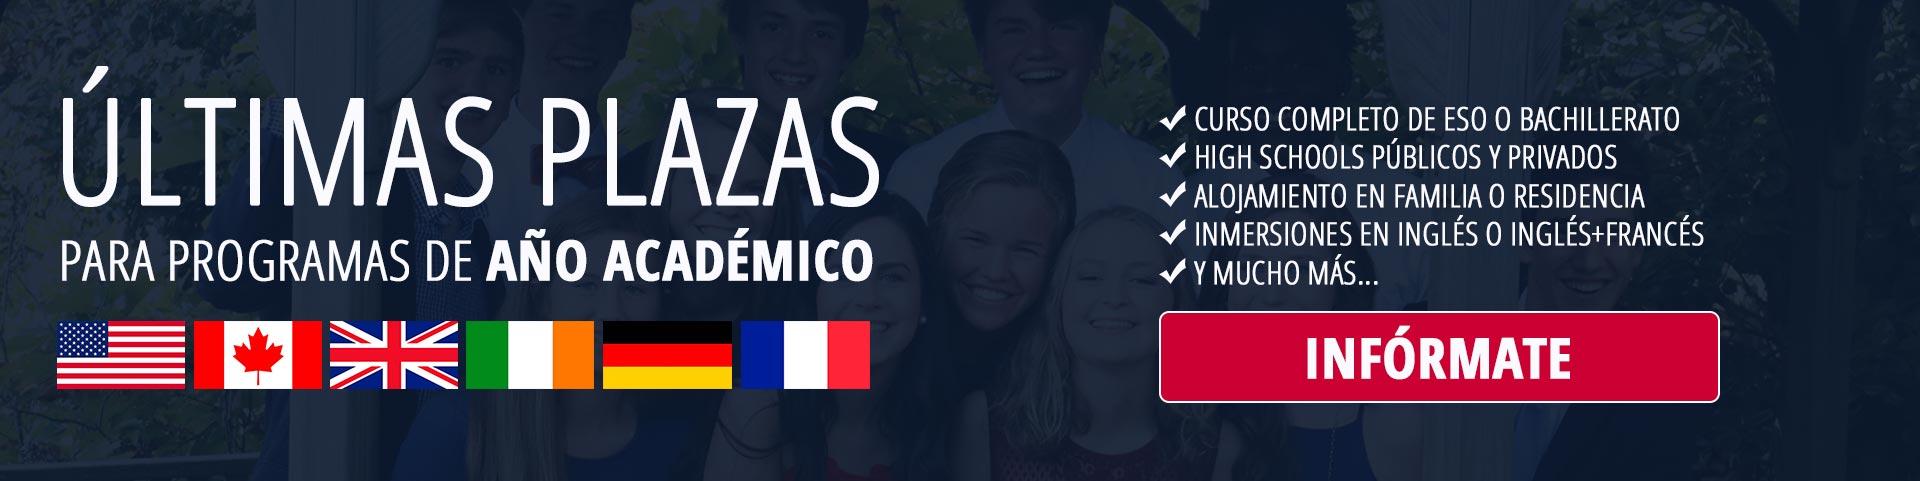 Últimas plazas para curso 21/22 en el extranjero